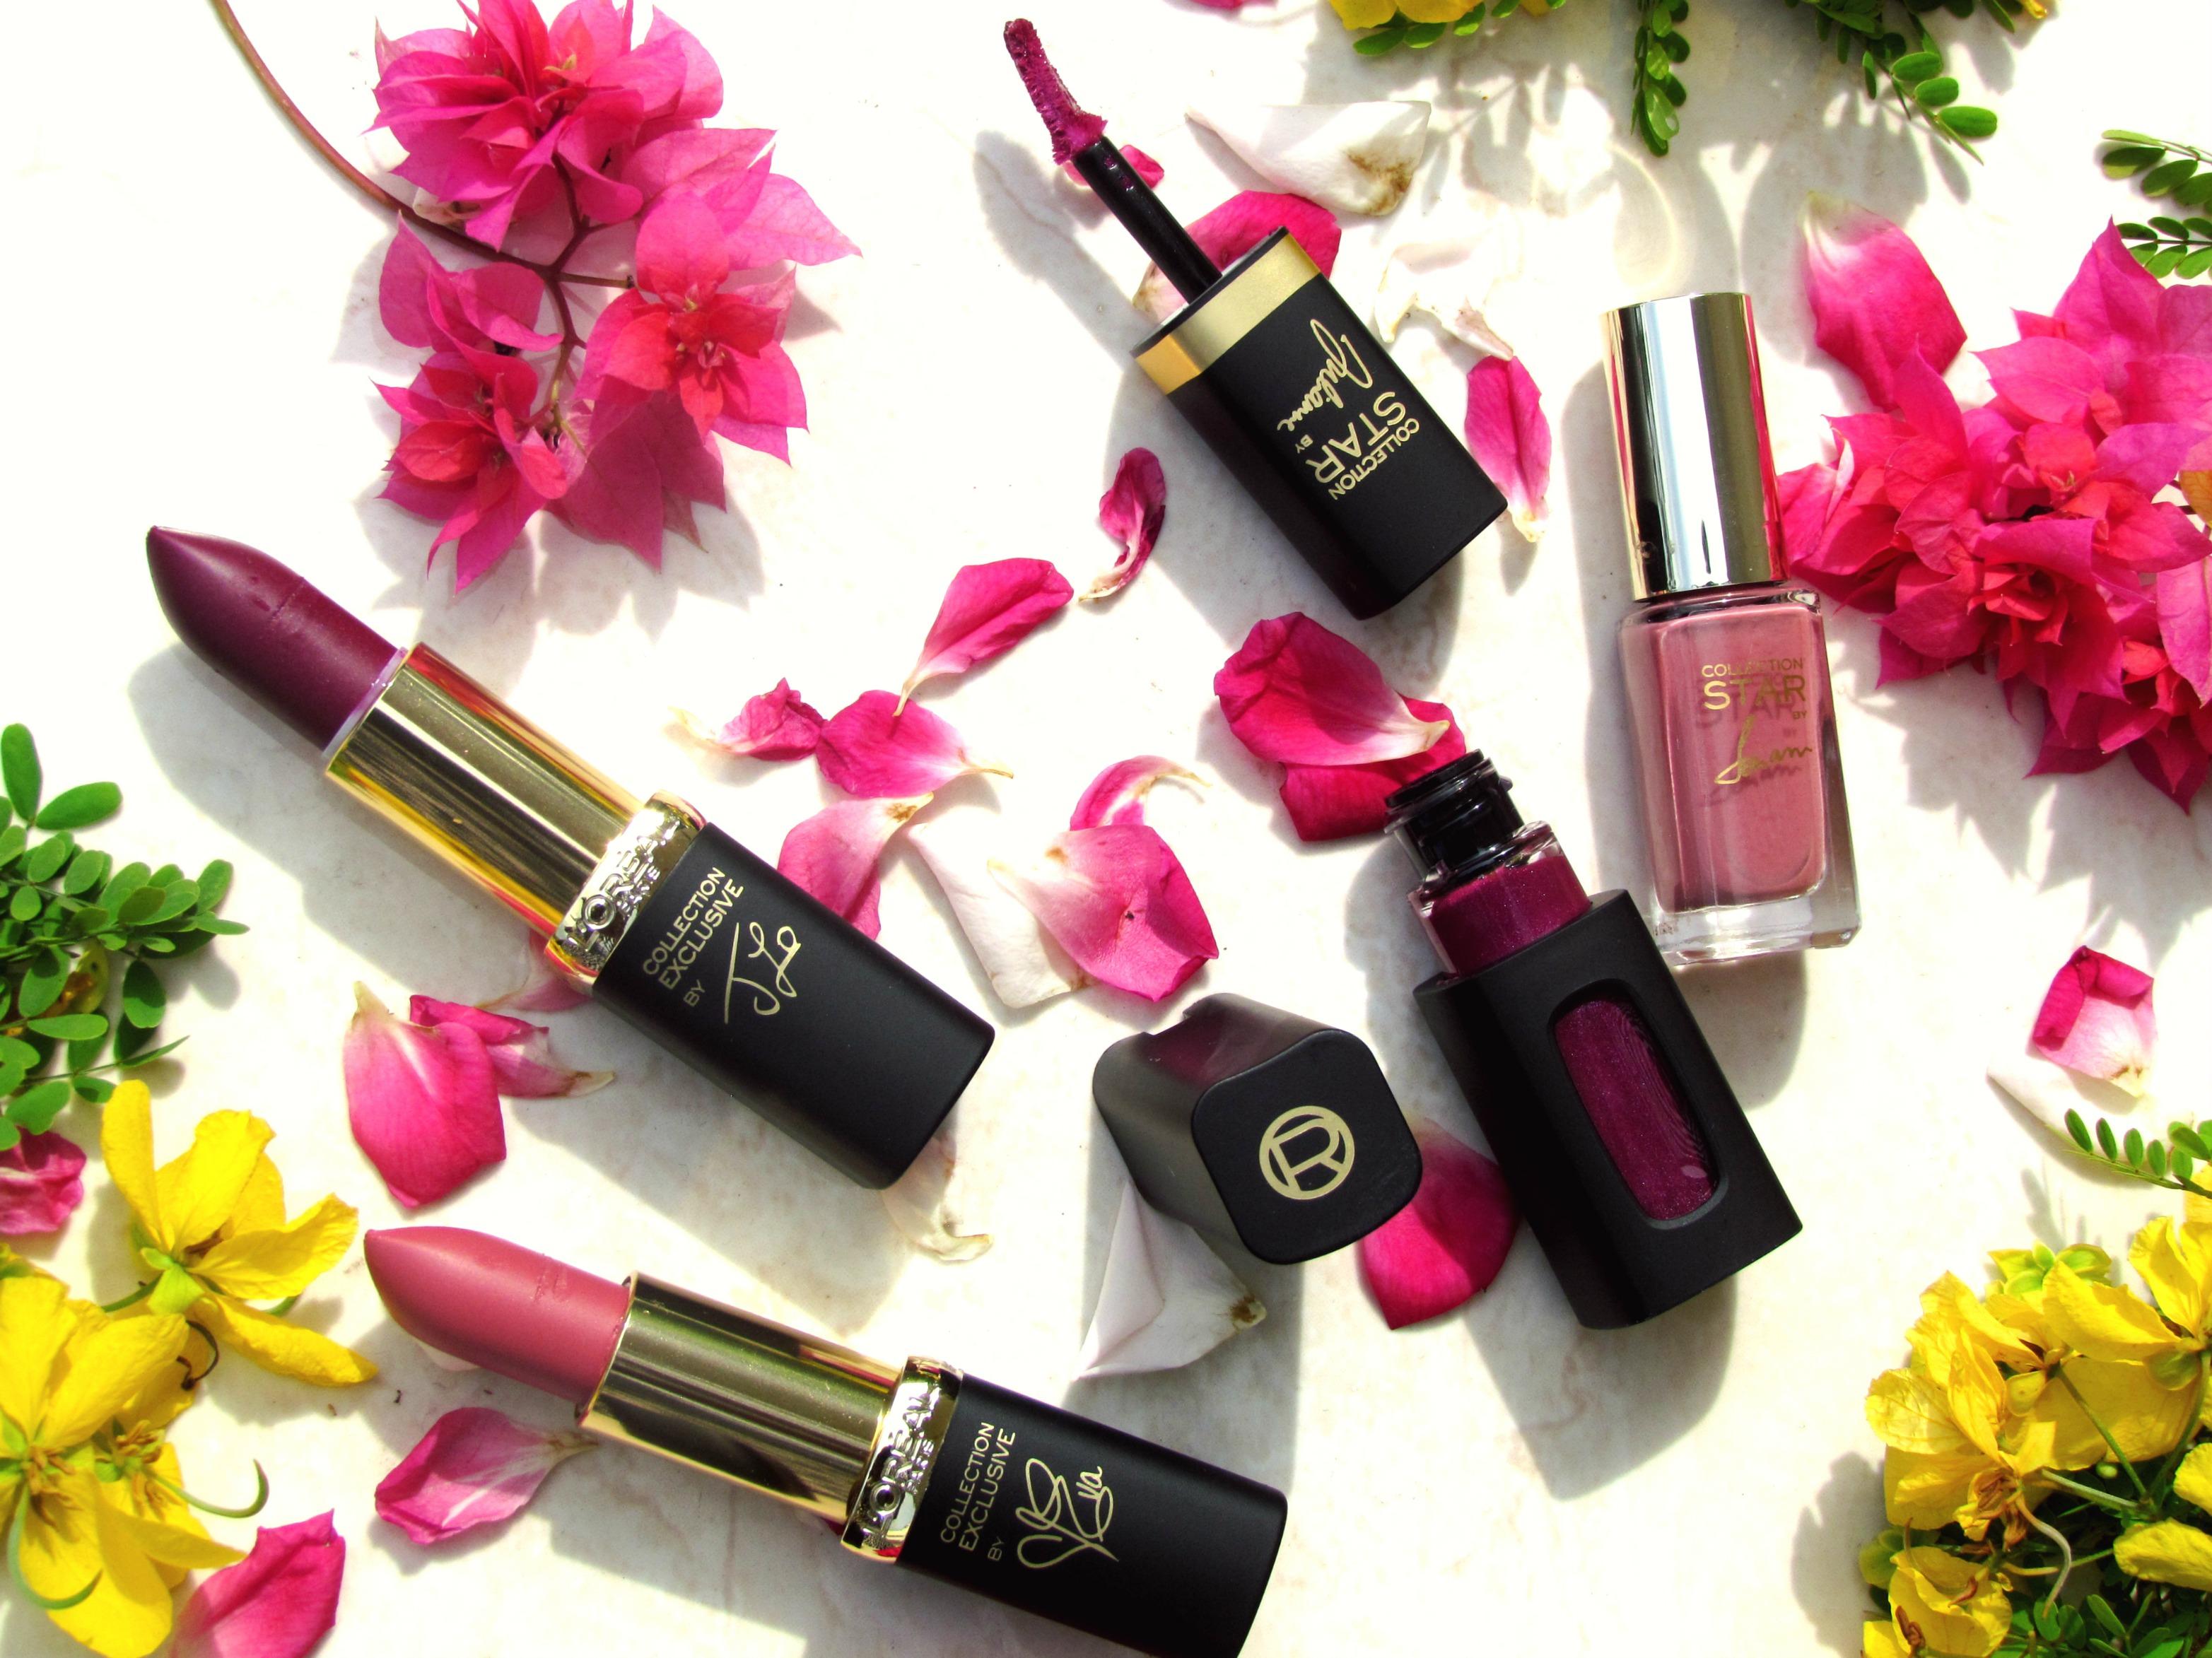 L'Oreal Paris Color Riche Star Pinks La Vie En Rose Collection – Swatches, Review, LOTDs